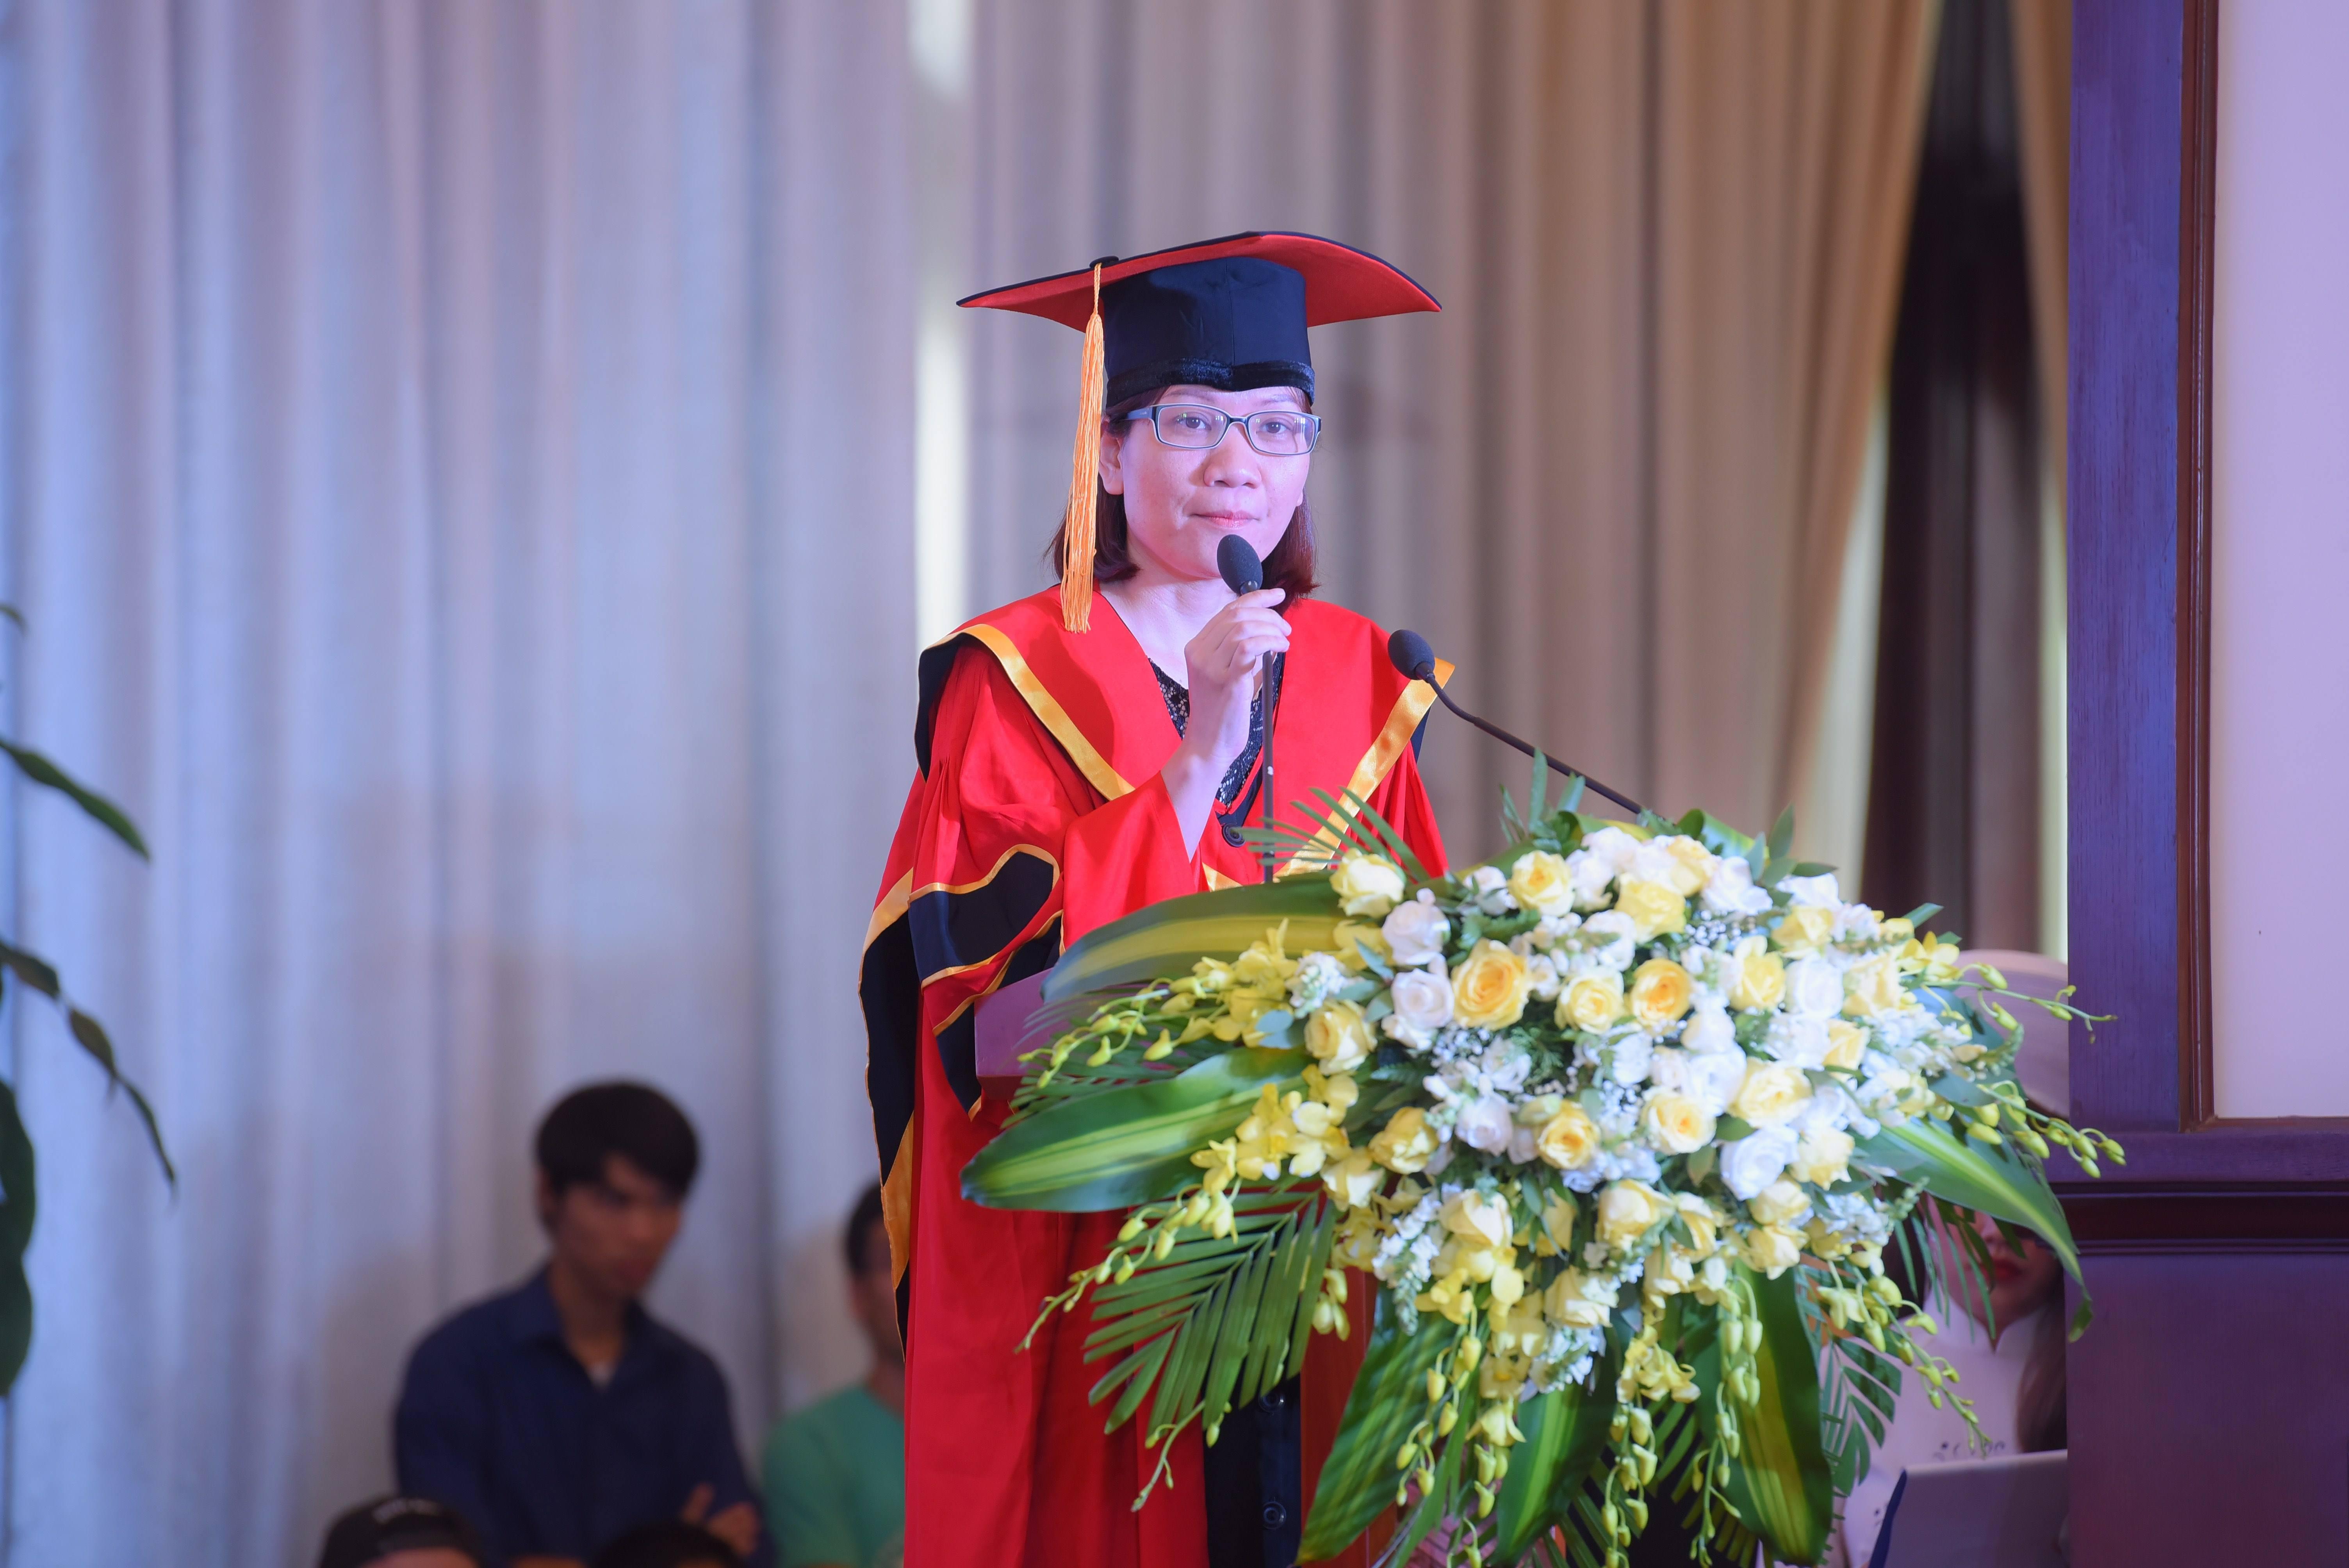 """Cô Lê Thị Hồng Hạnh - Giám đốc Viện Đào tạo Quốc tế: """"Các bạn thoát khỏi chúng tôi nhưng sẽ phải đối diện với một trường học lớn hơn. Đó là """"trường đời"""" - đầy lý thú nhưng cũng nhiều cạm bẫy và khó khăn."""